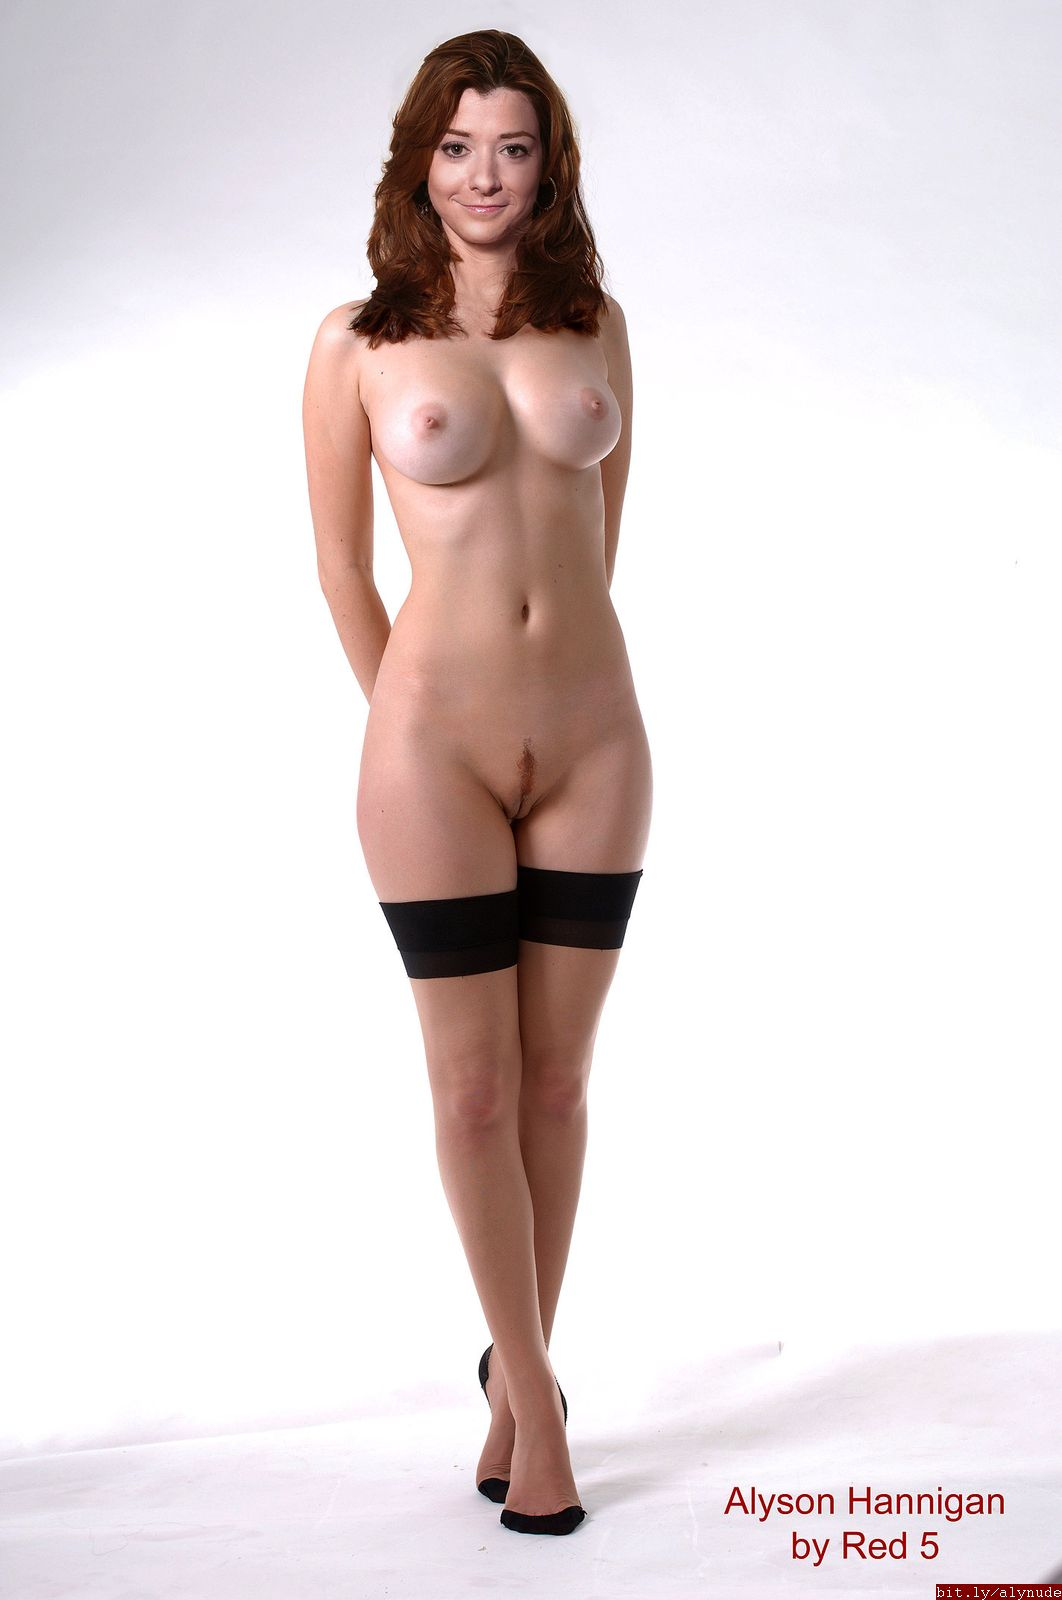 Alyson hannigan nude pics